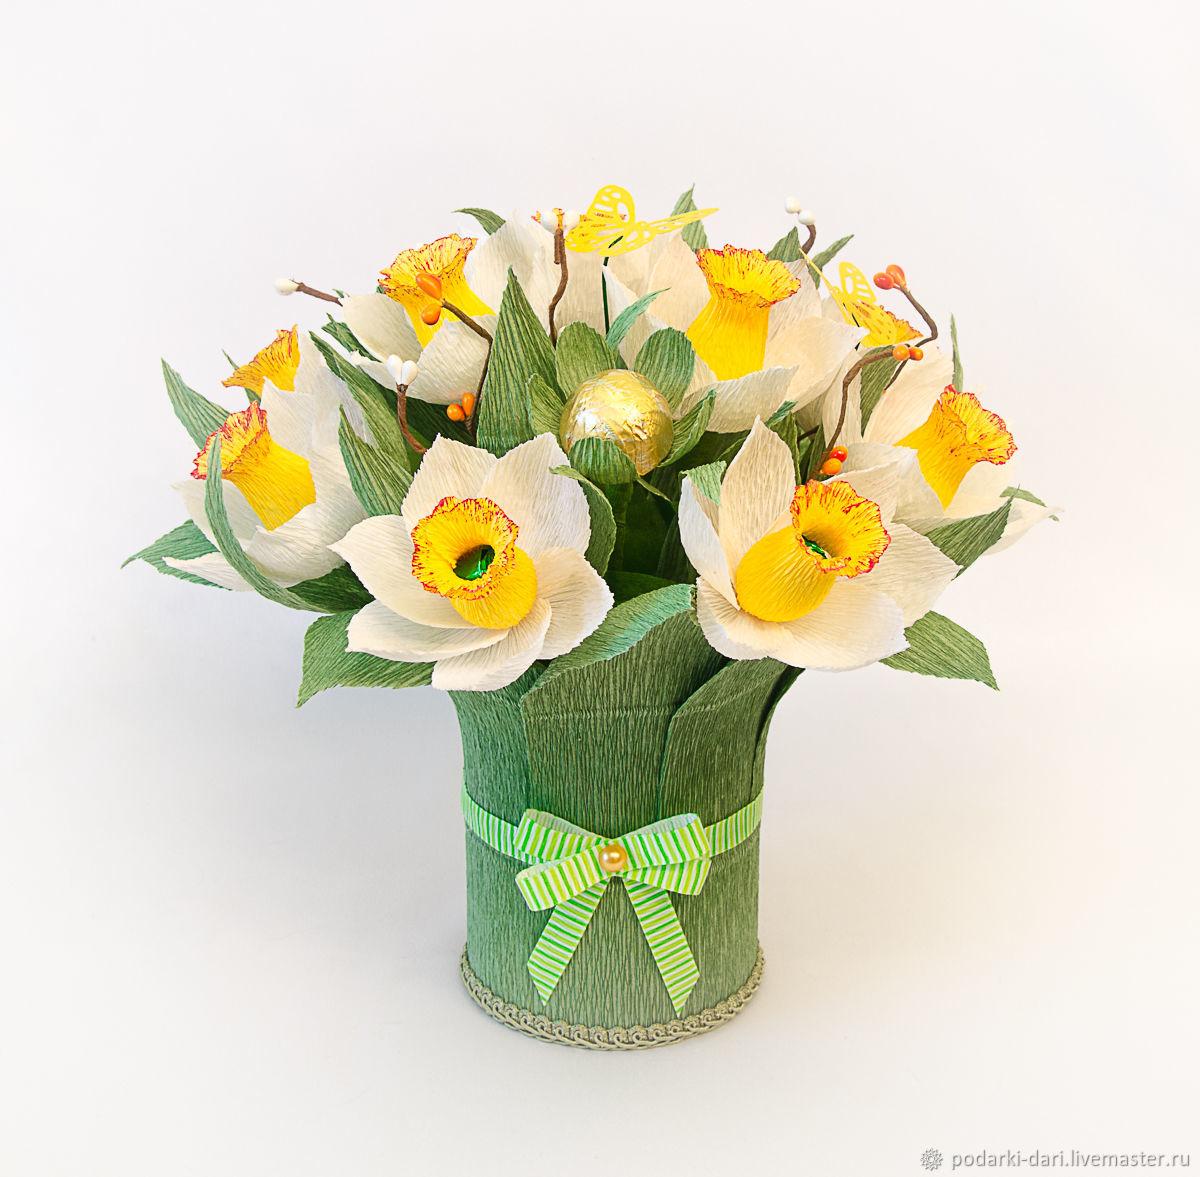 Букет нарциссы с доставка москва, купить цветы оптом в челябинске дешево